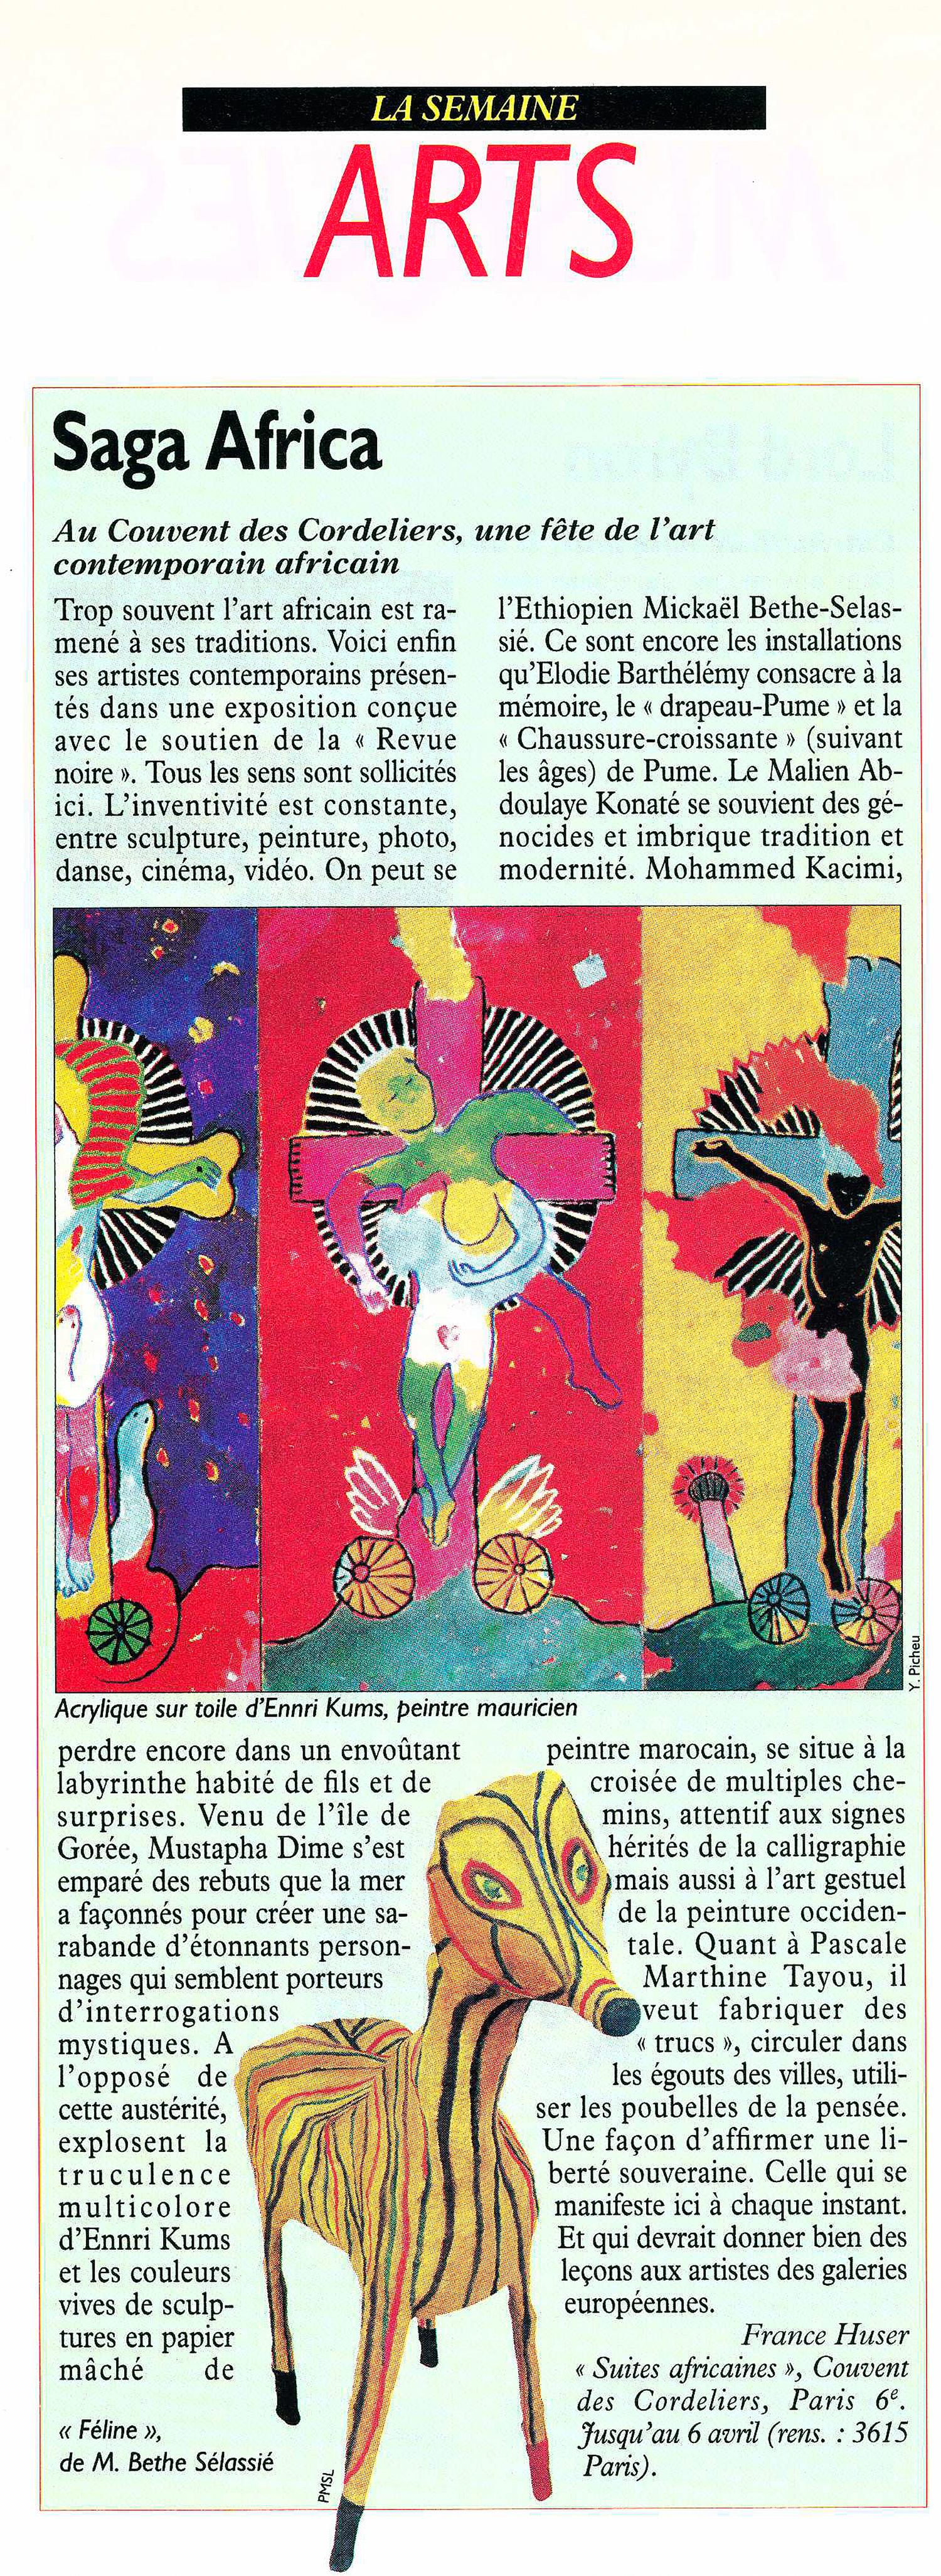 REVUE NOIRE revue de presse: Le Nouvel Observateur, mars 1997 par France Huser. Saga Africa au Couvent des Cordeliers, exposition